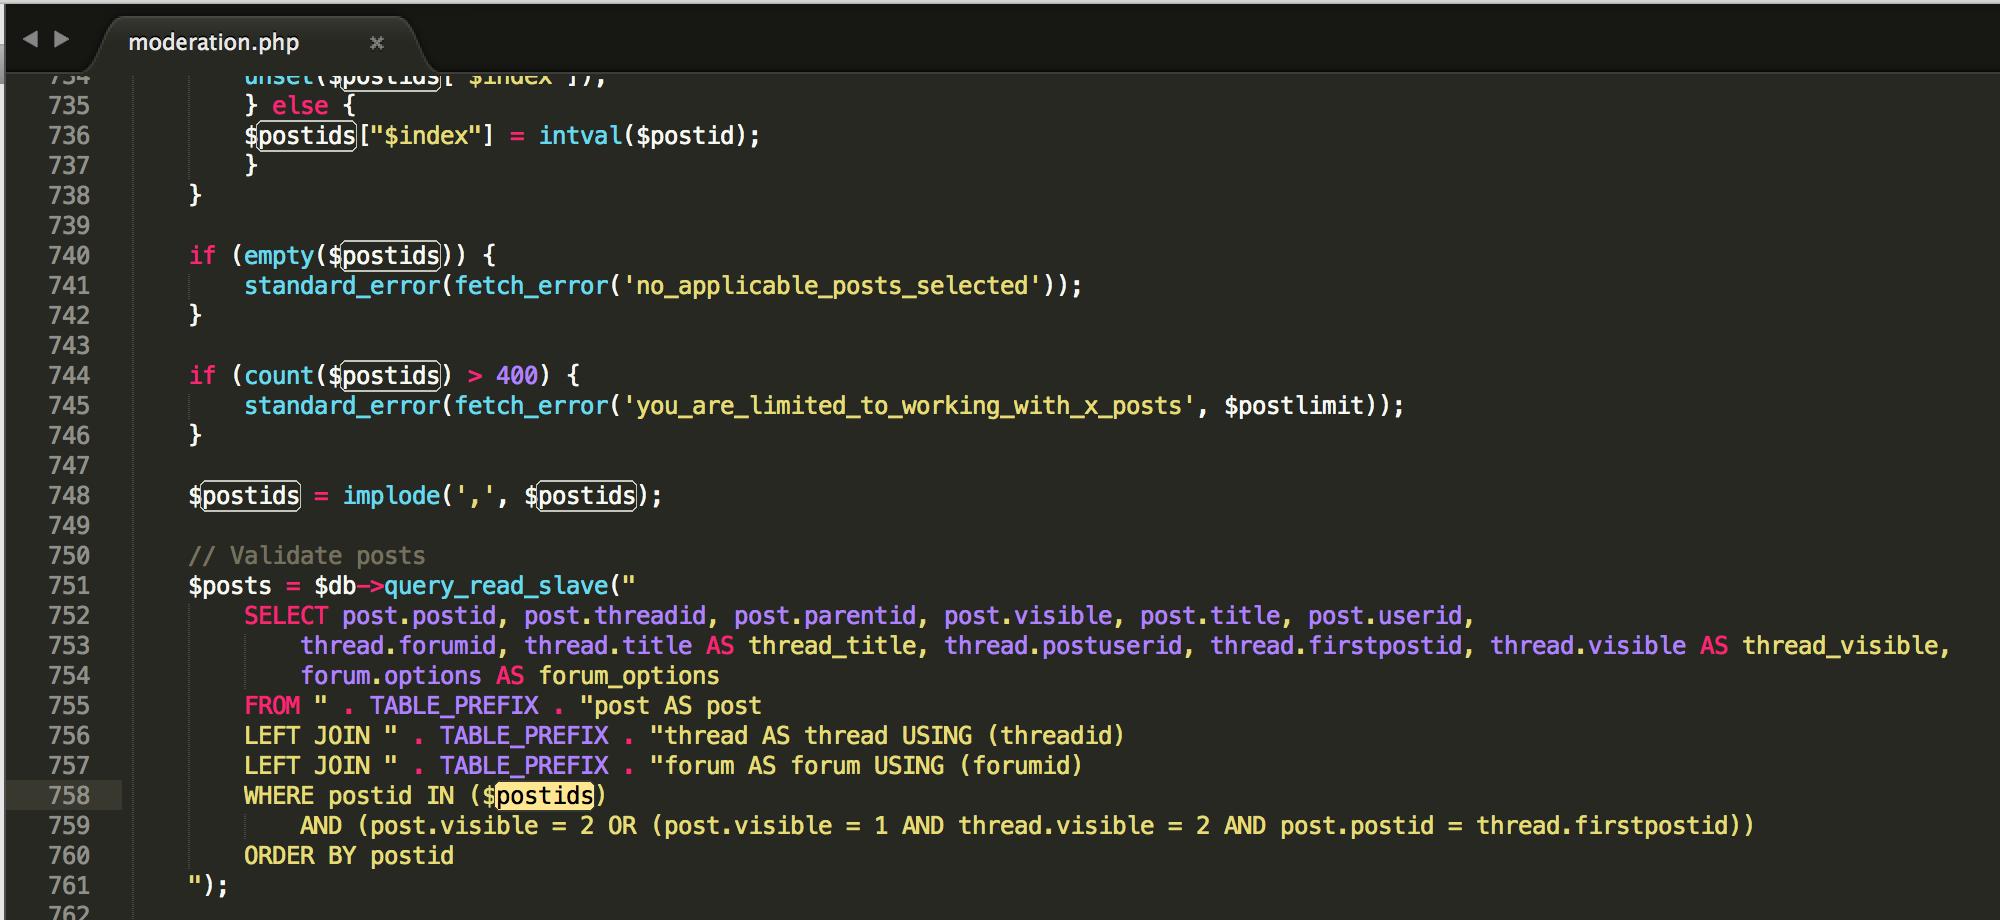 vBulletin SQL Injection